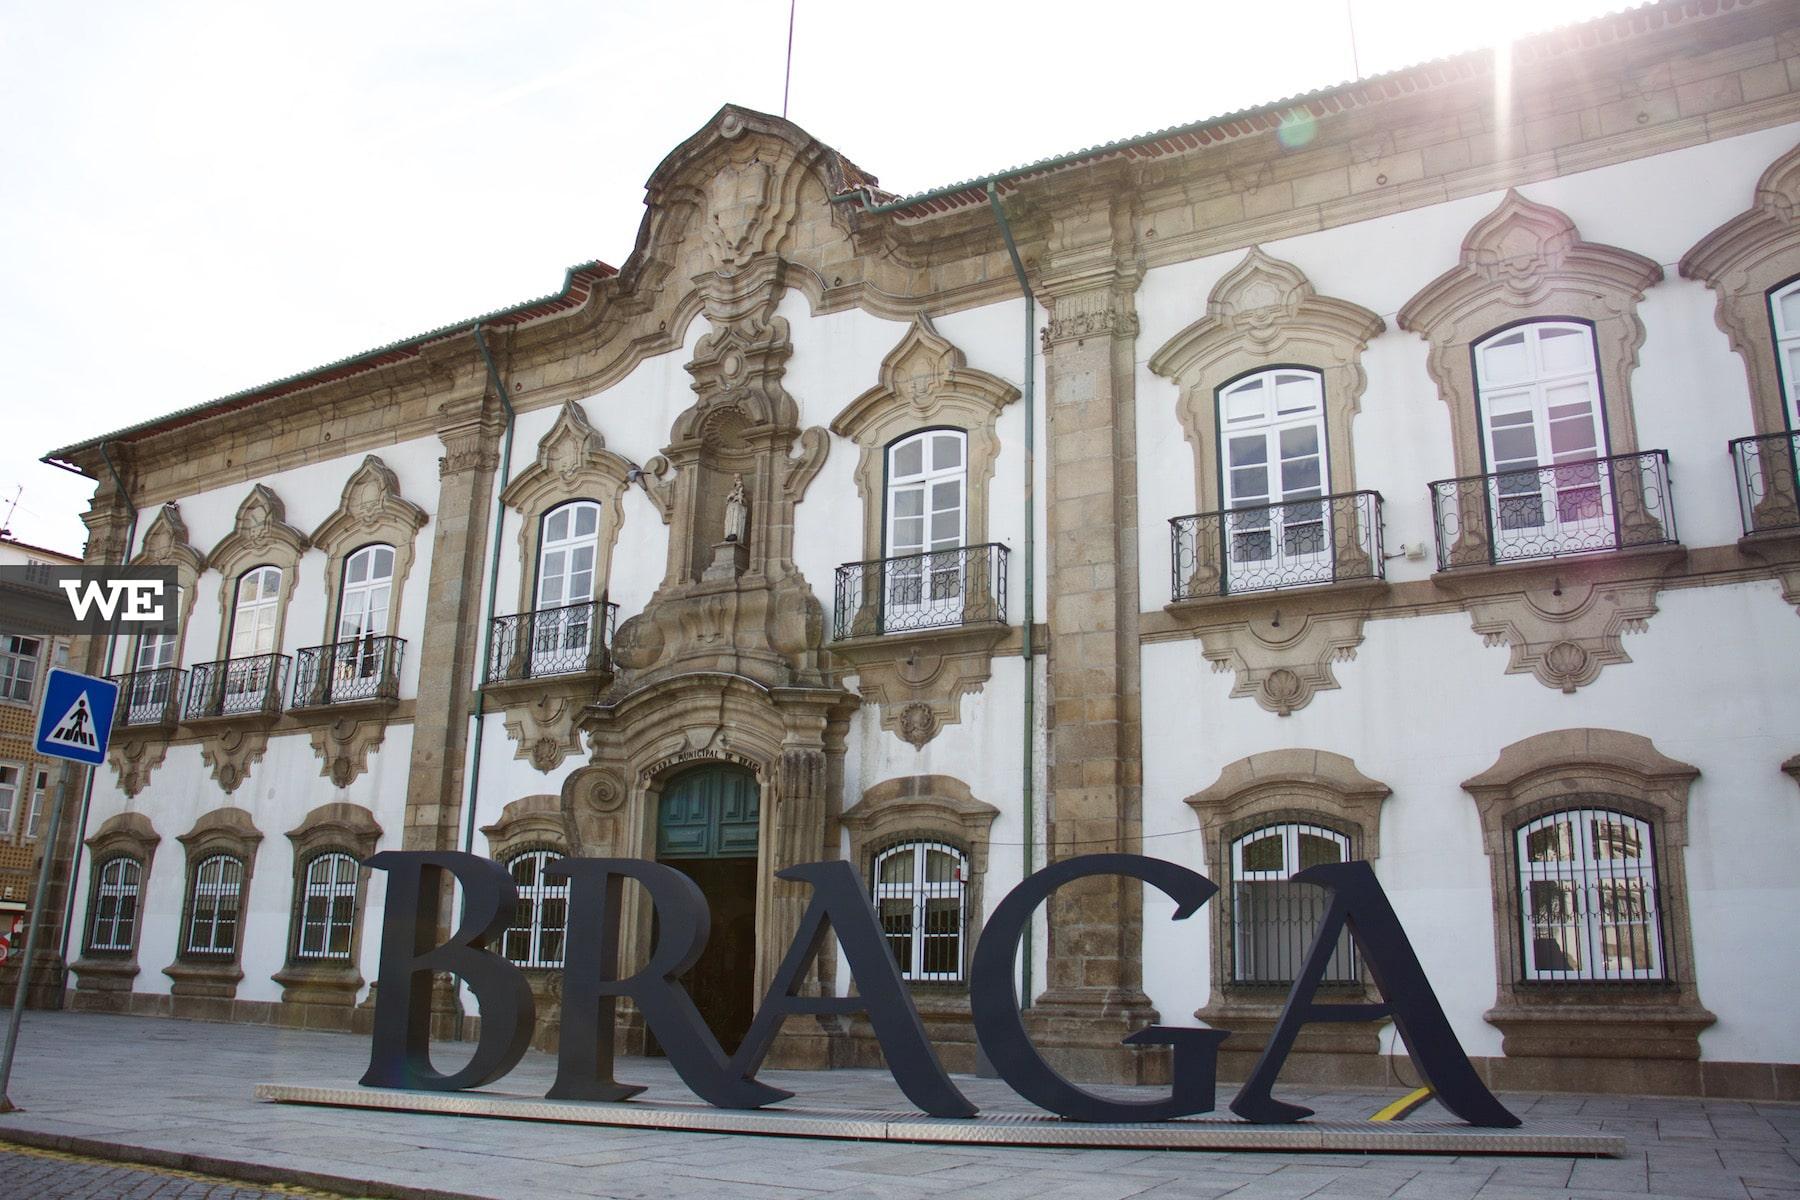 Câmara Municipal Praça do Município